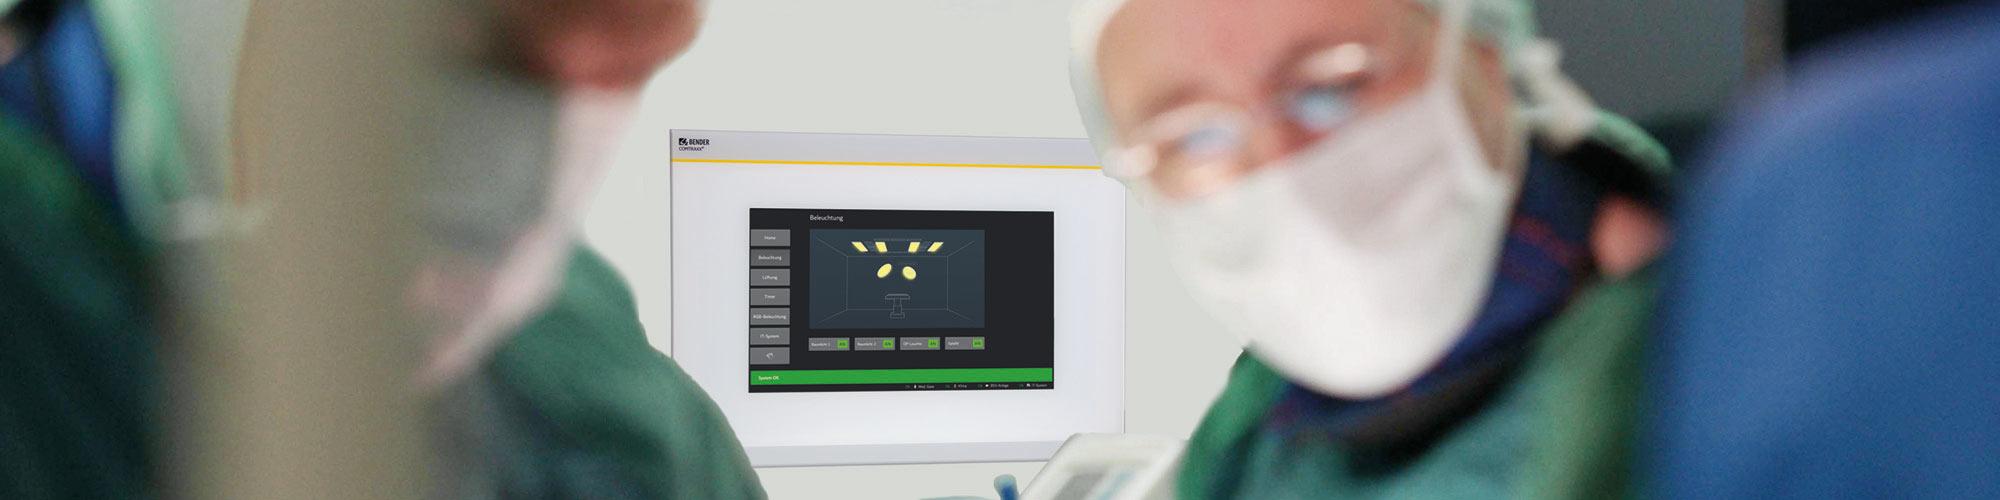 La solution globale de sécurité pour les locaux à usage médical